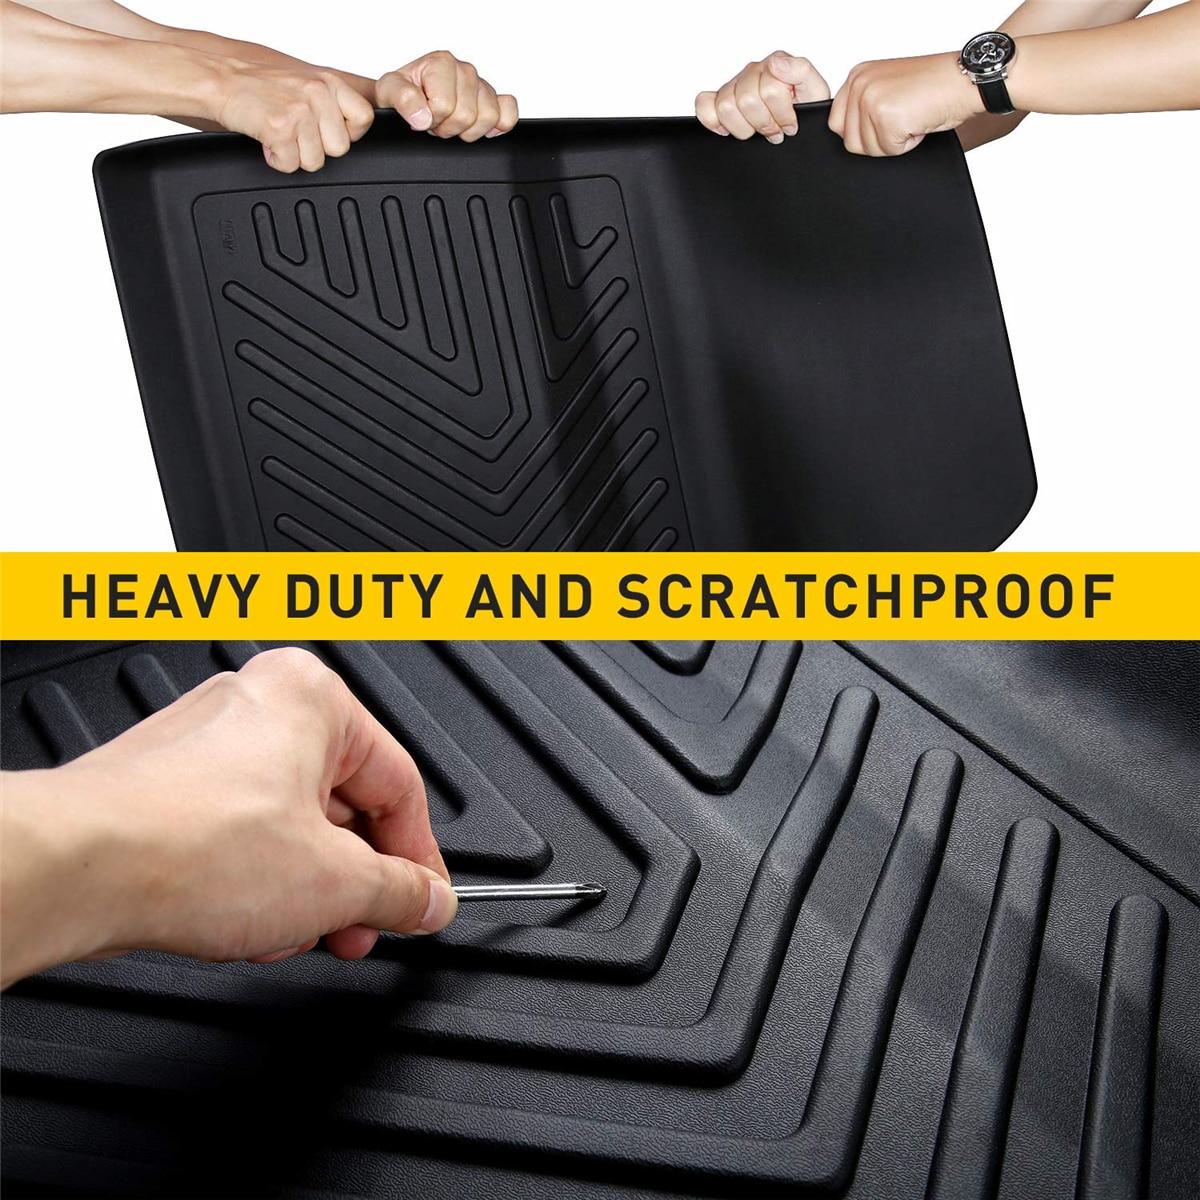 Audew 3 pièces TPO avant et arrière noir tapis de sol de voiture personnalisé ajustement tous temps tapis de sol couverture pour Tesla modèle 3 imperméable à l'eau Durable - 4